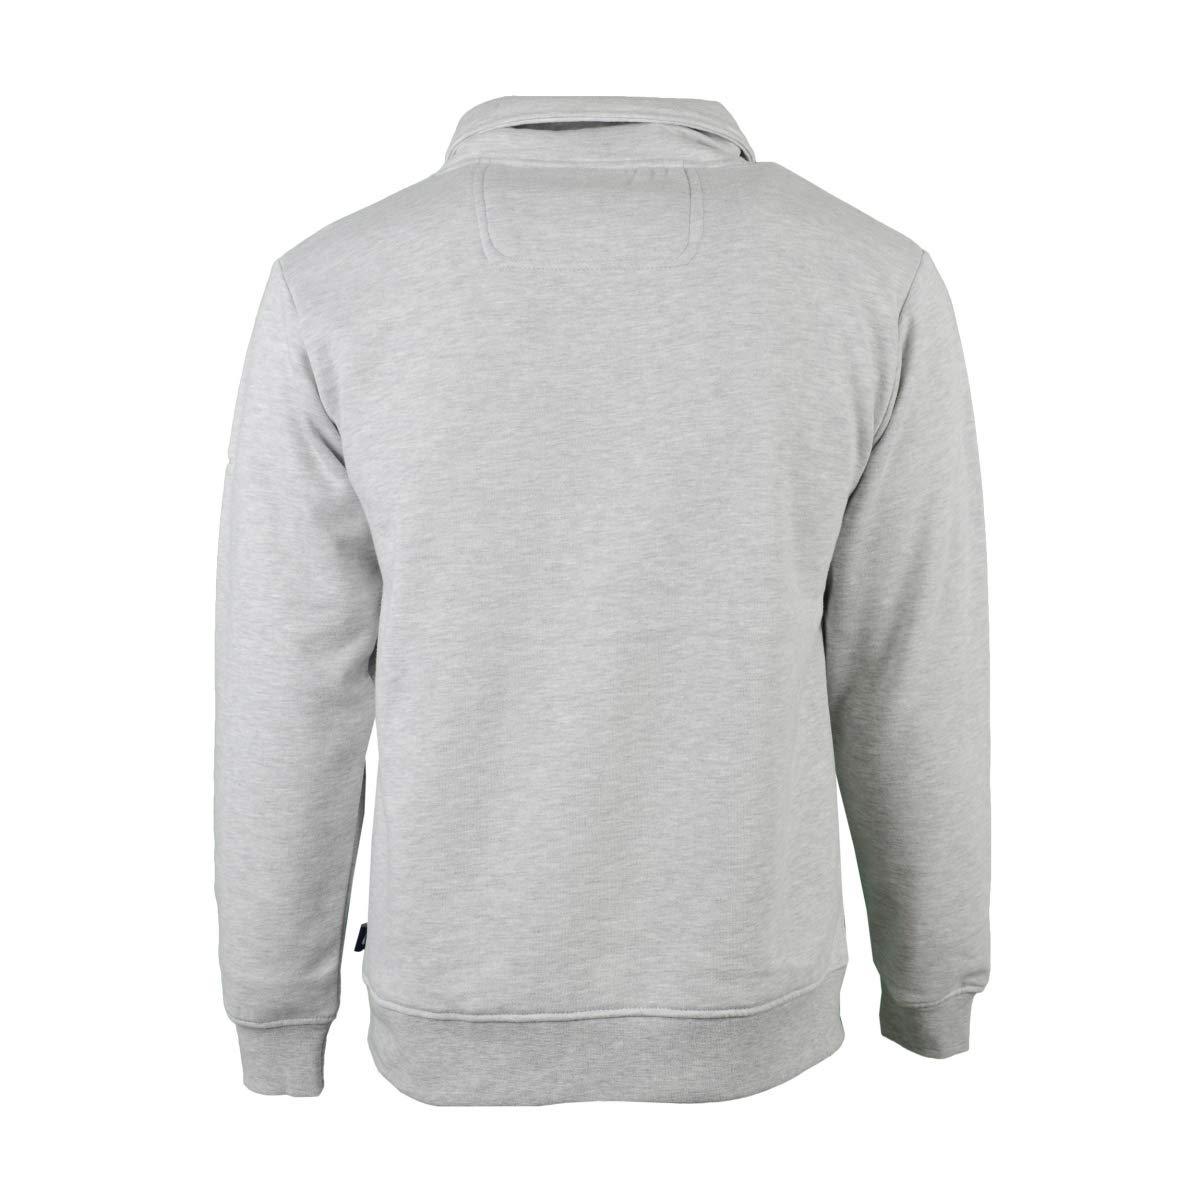 8519e097cb Hublot Sweat Hermes Col châle - Gris - Homme: Amazon.fr: Vêtements et  accessoires